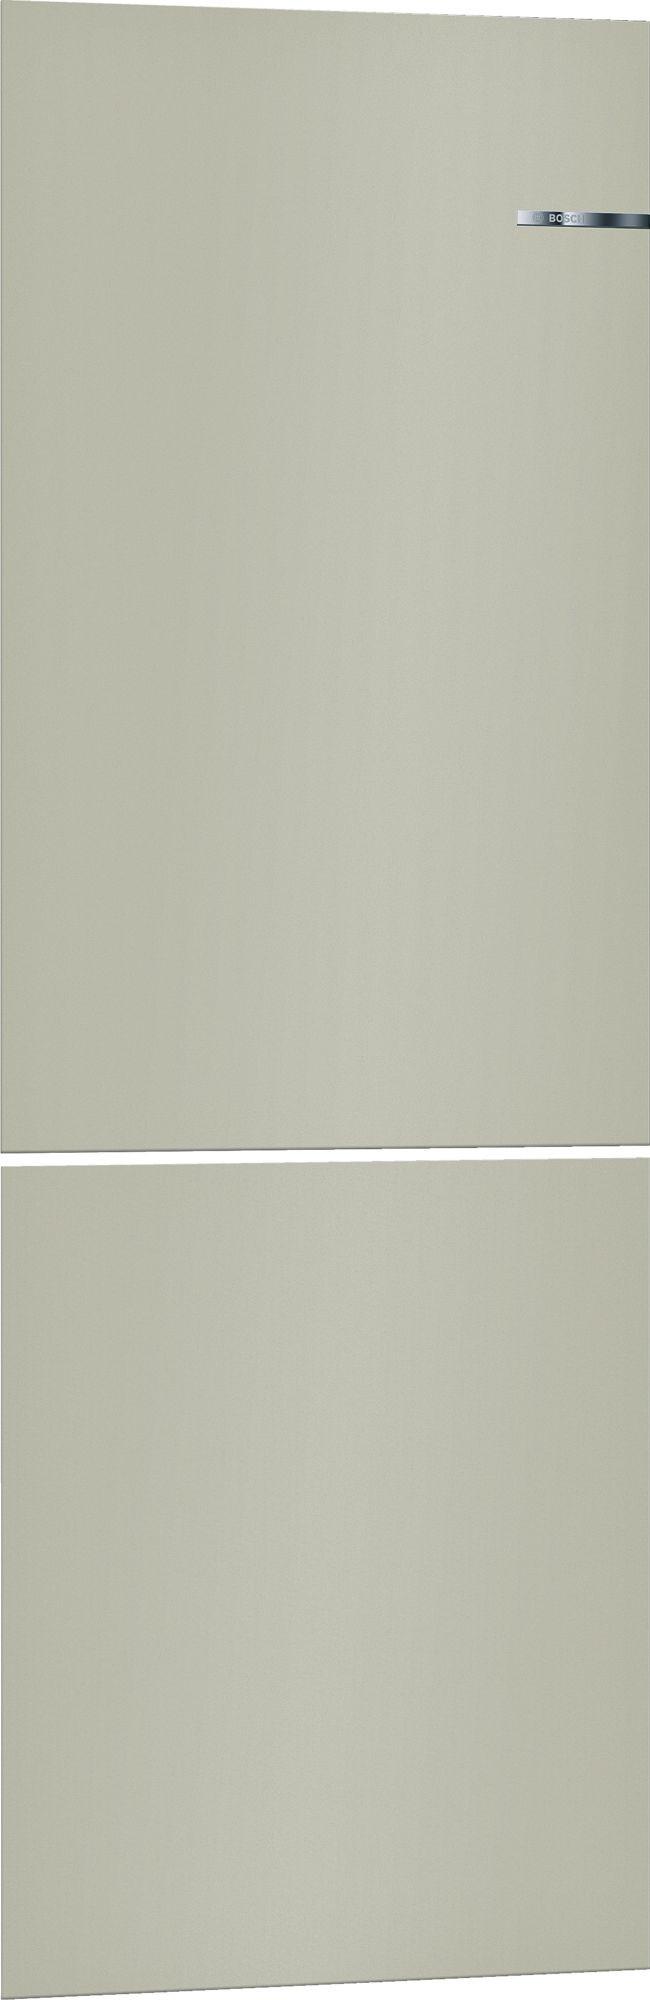 Bosch KSZ1AVK00 186cm Champagne Vario Style Clip Door Set